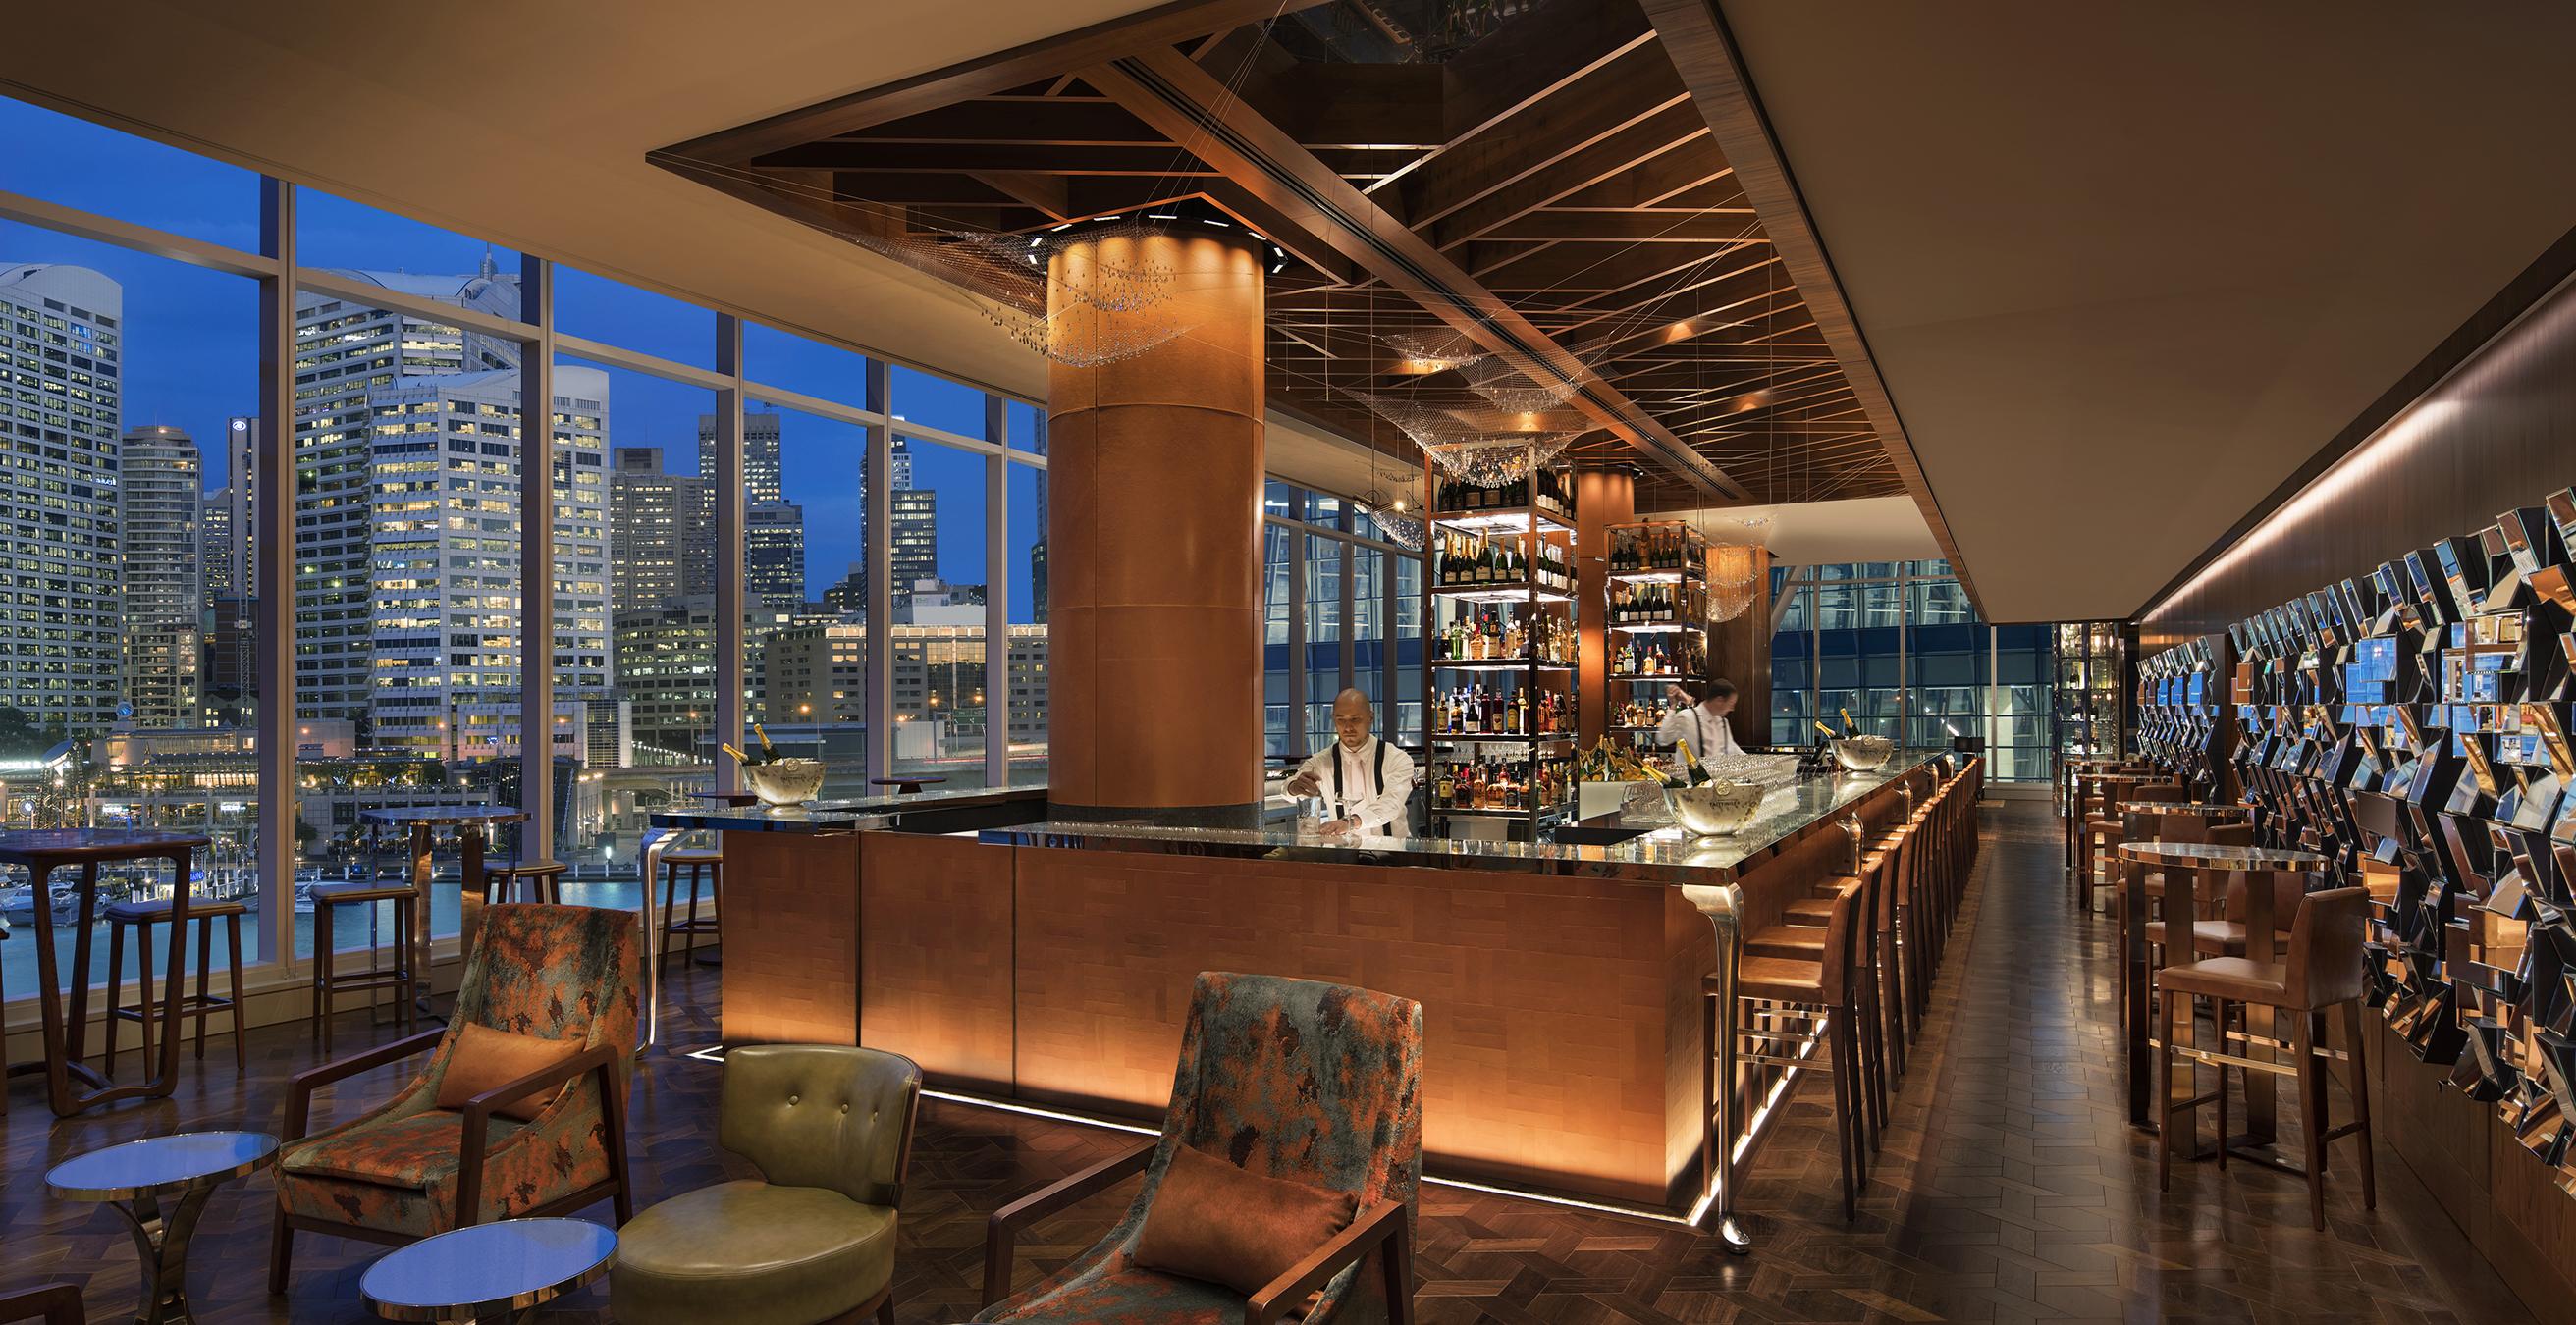 Sofitel Champagne Bar